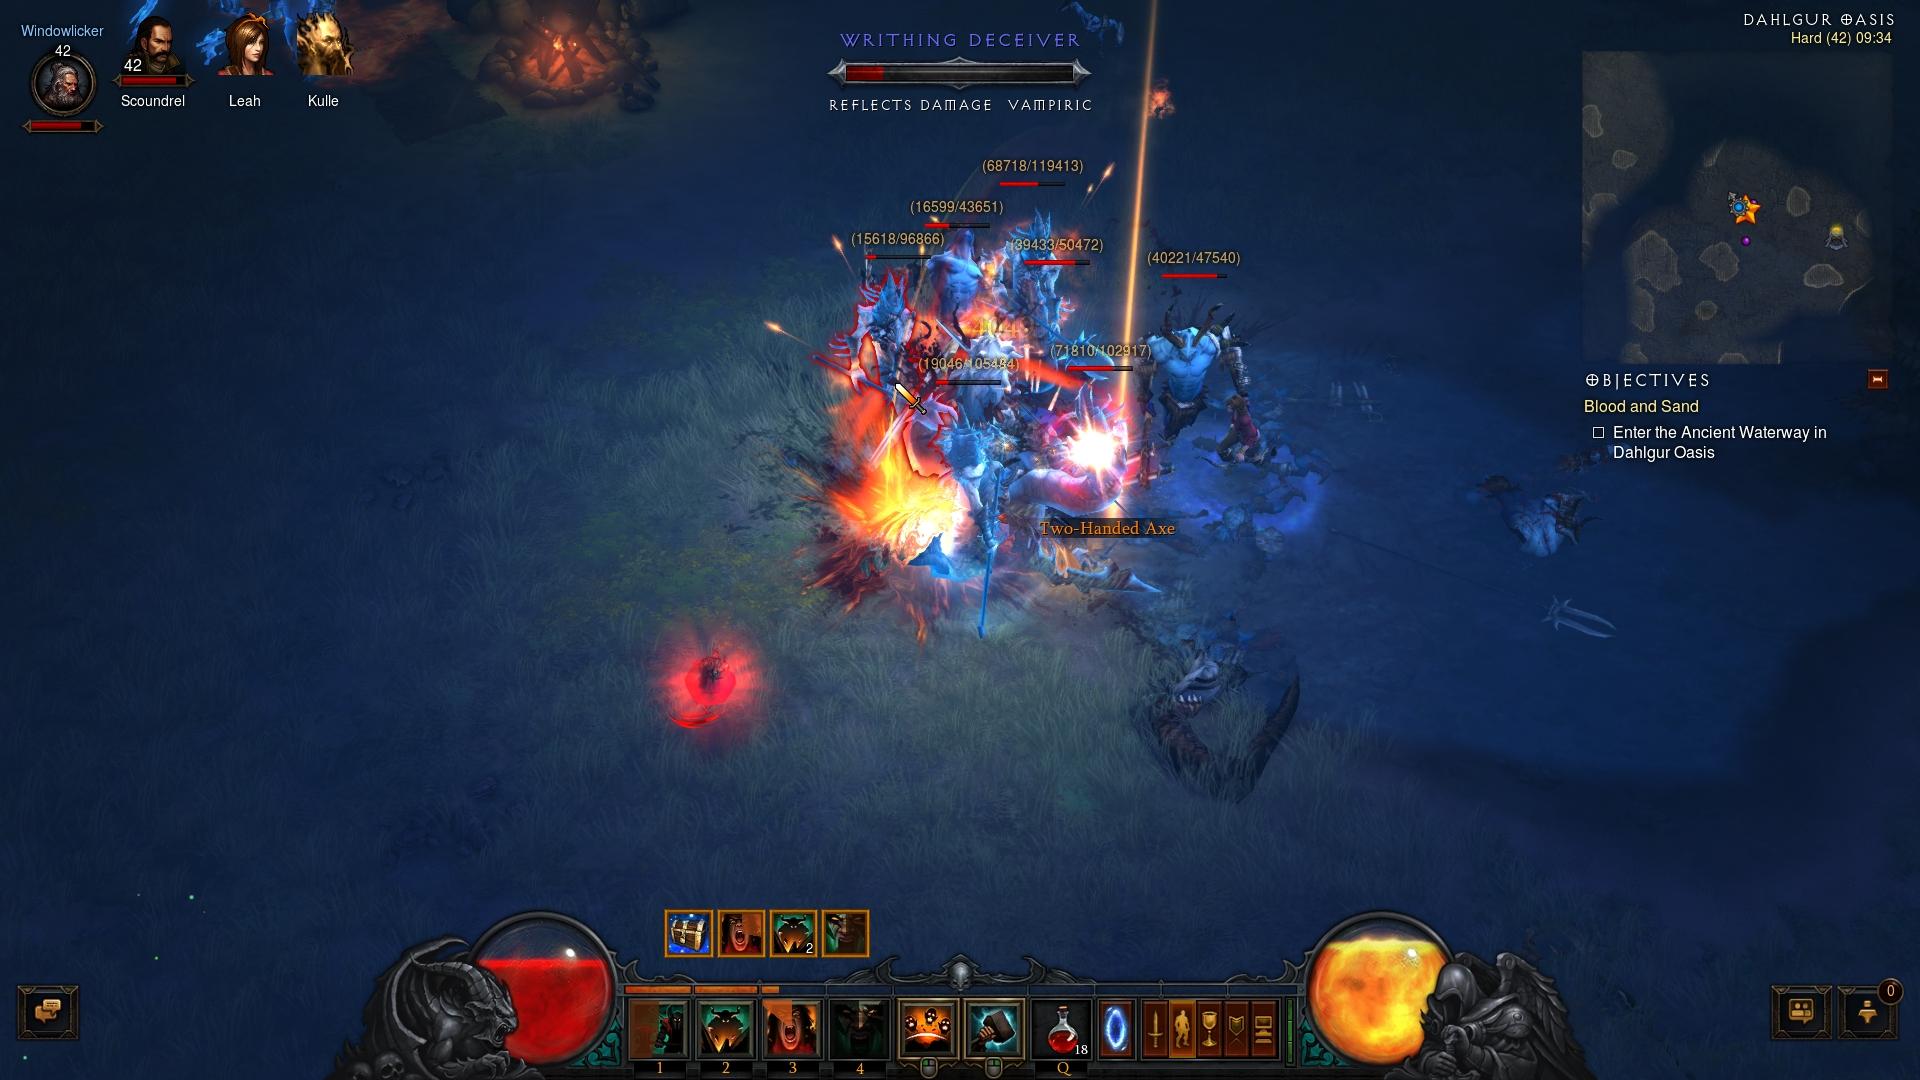 OS X Gaming Journaled: Diablo Returns